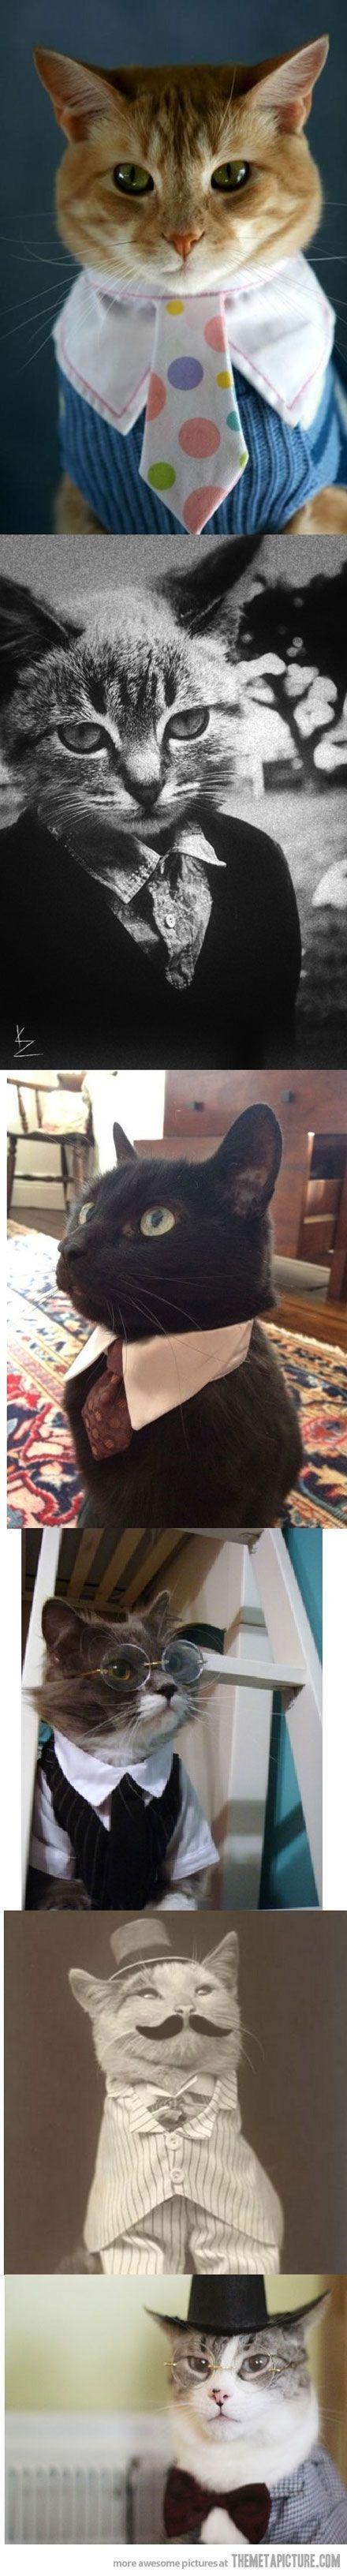 kitty classy